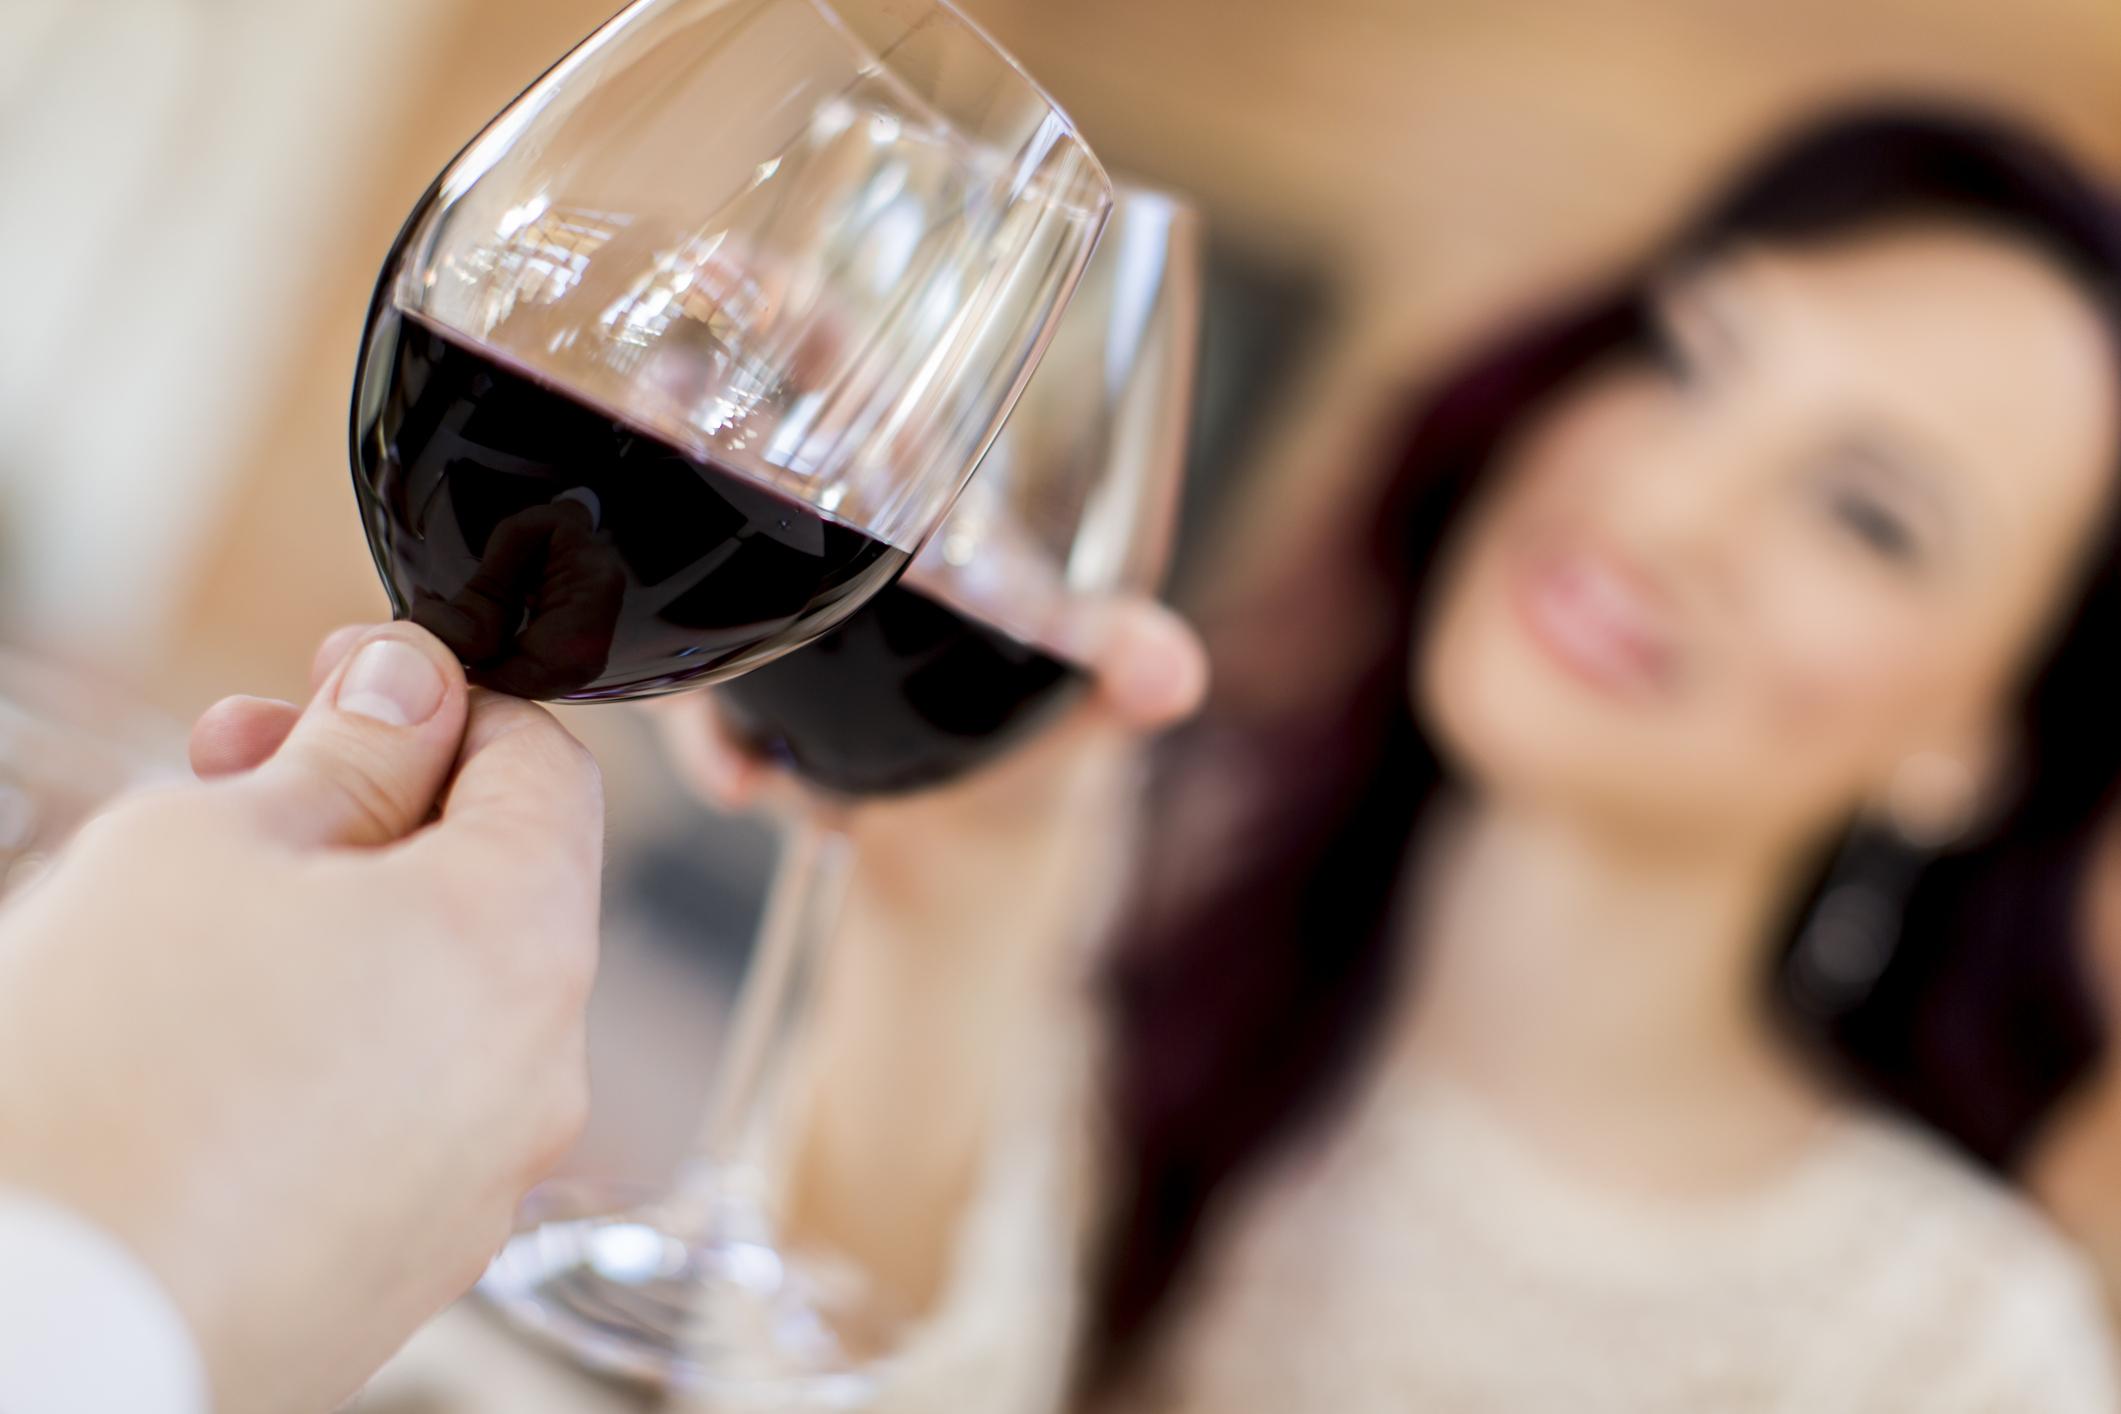 tomar vino es bueno para la salud